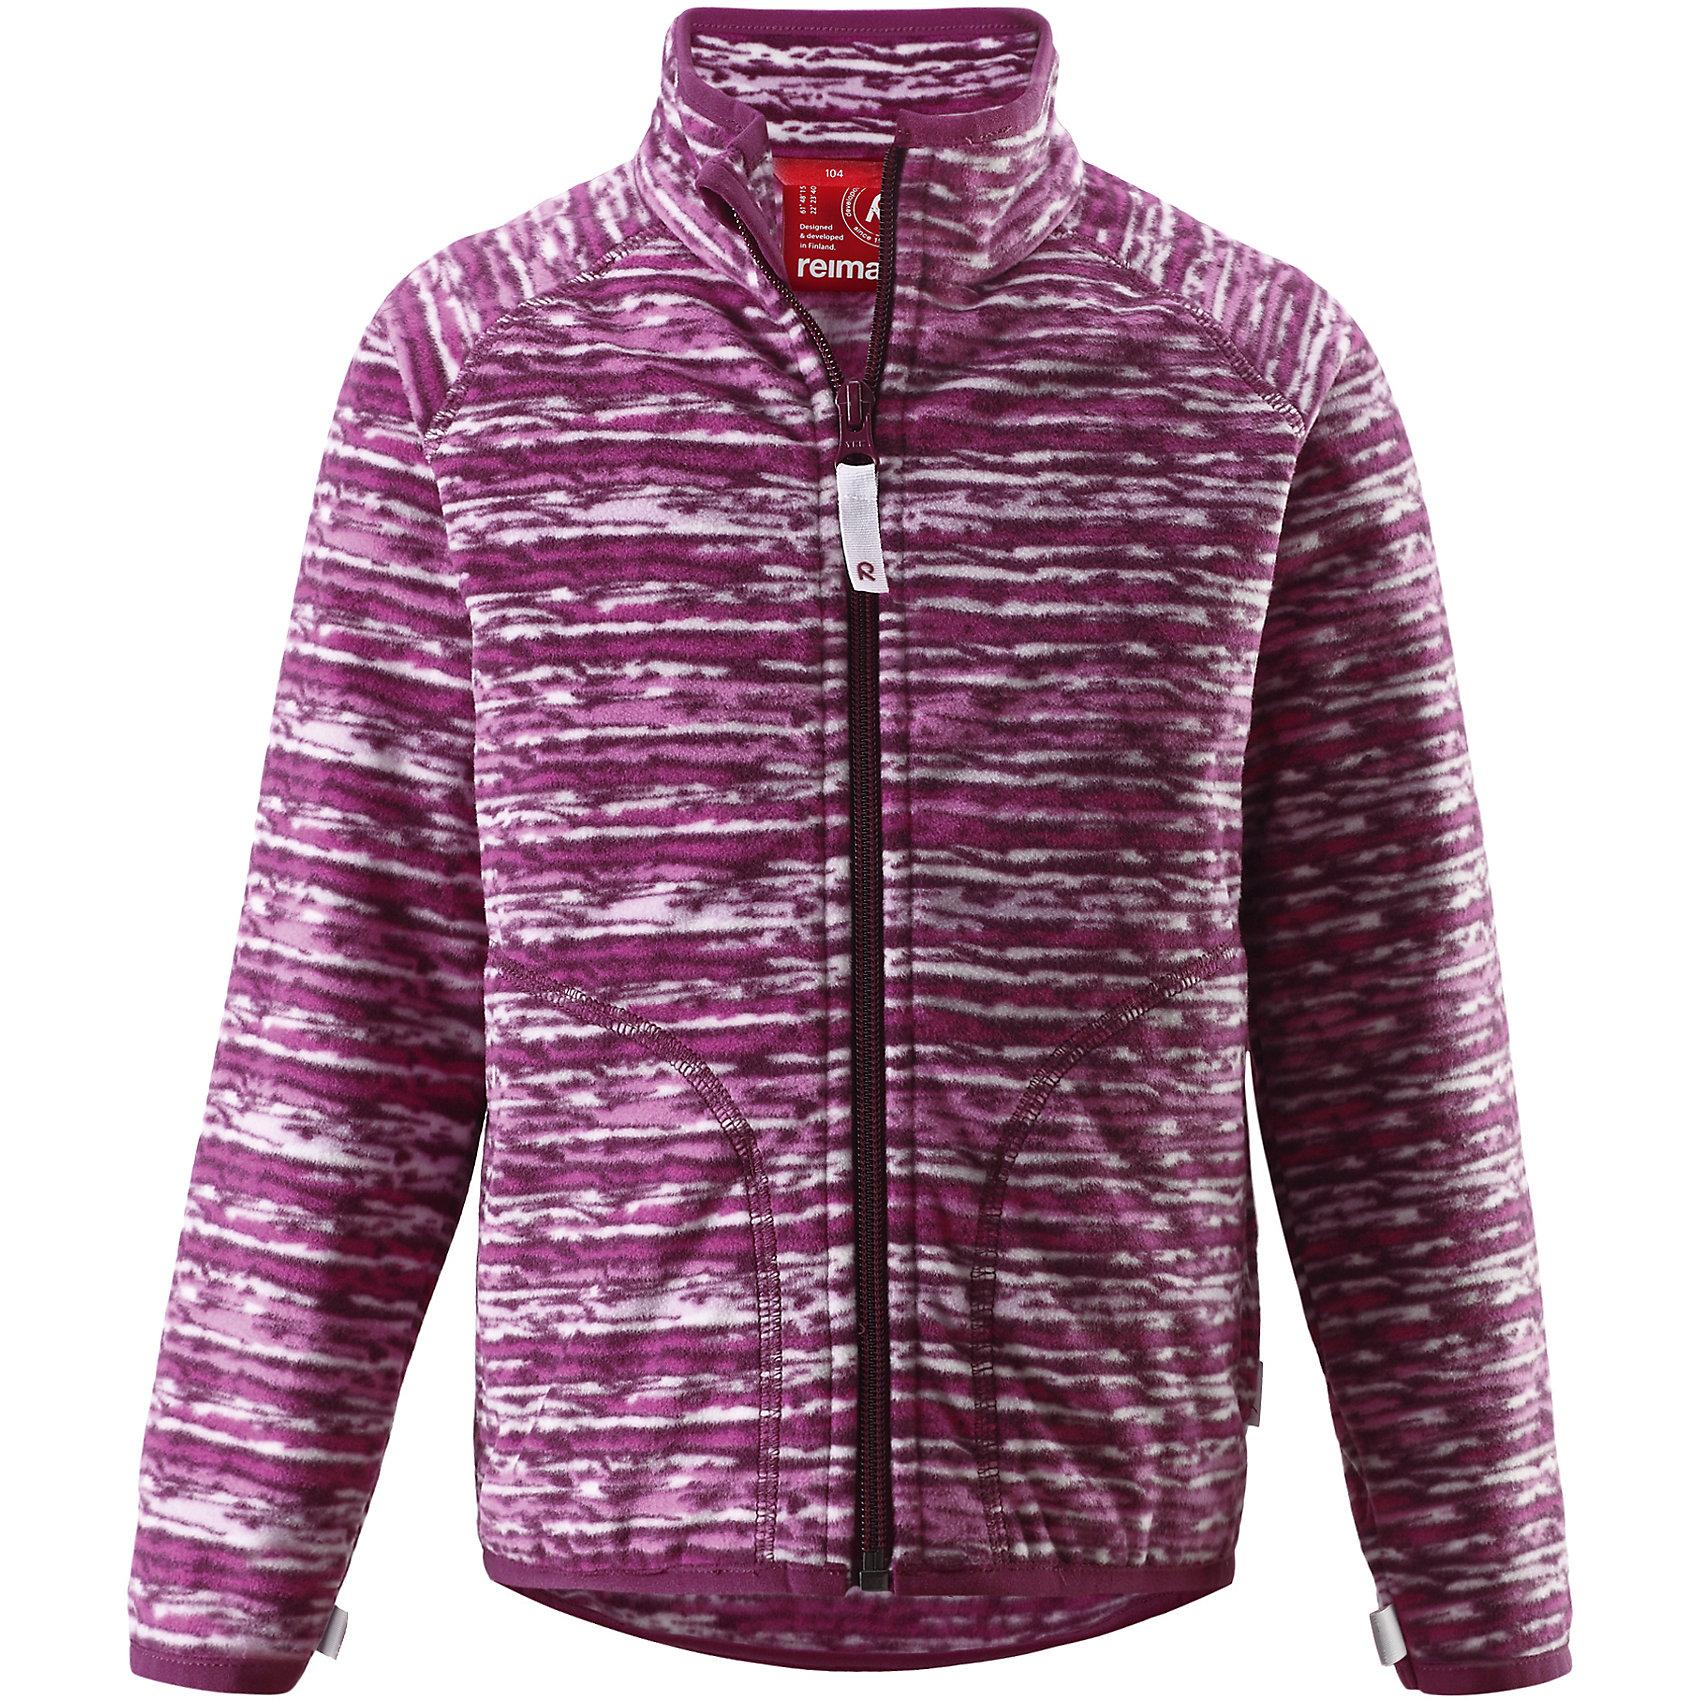 Куртка флисовая Vikkelin для девочки ReimaКуртка флисовая  Reima<br>Флисовая куртка для детей. Выводит влагу наружу и быстро сохнет. Теплый, легкий и быстросохнущий поларфлис. Может пристегиваться к верхней одежде Reima® кнопками Play Layers®. Эластичные манжеты. Удлиненный подол сзади. Молния по всей длине с защитой подбородка. Боковые карманы. Принт по всей поверхности.<br>Уход:<br>Стирать по отдельности, вывернув наизнанку. Застегнуть молнии. Стирать моющим средством, не содержащим отбеливающие вещества. Полоскать без специального средства.  Сушить при низкой температуре.<br>Состав:<br>100% Полиэстер<br><br>Ширина мм: 356<br>Глубина мм: 10<br>Высота мм: 245<br>Вес г: 519<br>Цвет: фиолетовый<br>Возраст от месяцев: 24<br>Возраст до месяцев: 36<br>Пол: Женский<br>Возраст: Детский<br>Размер: 92,104,110,116,122,128,134,140,98<br>SKU: 4779206